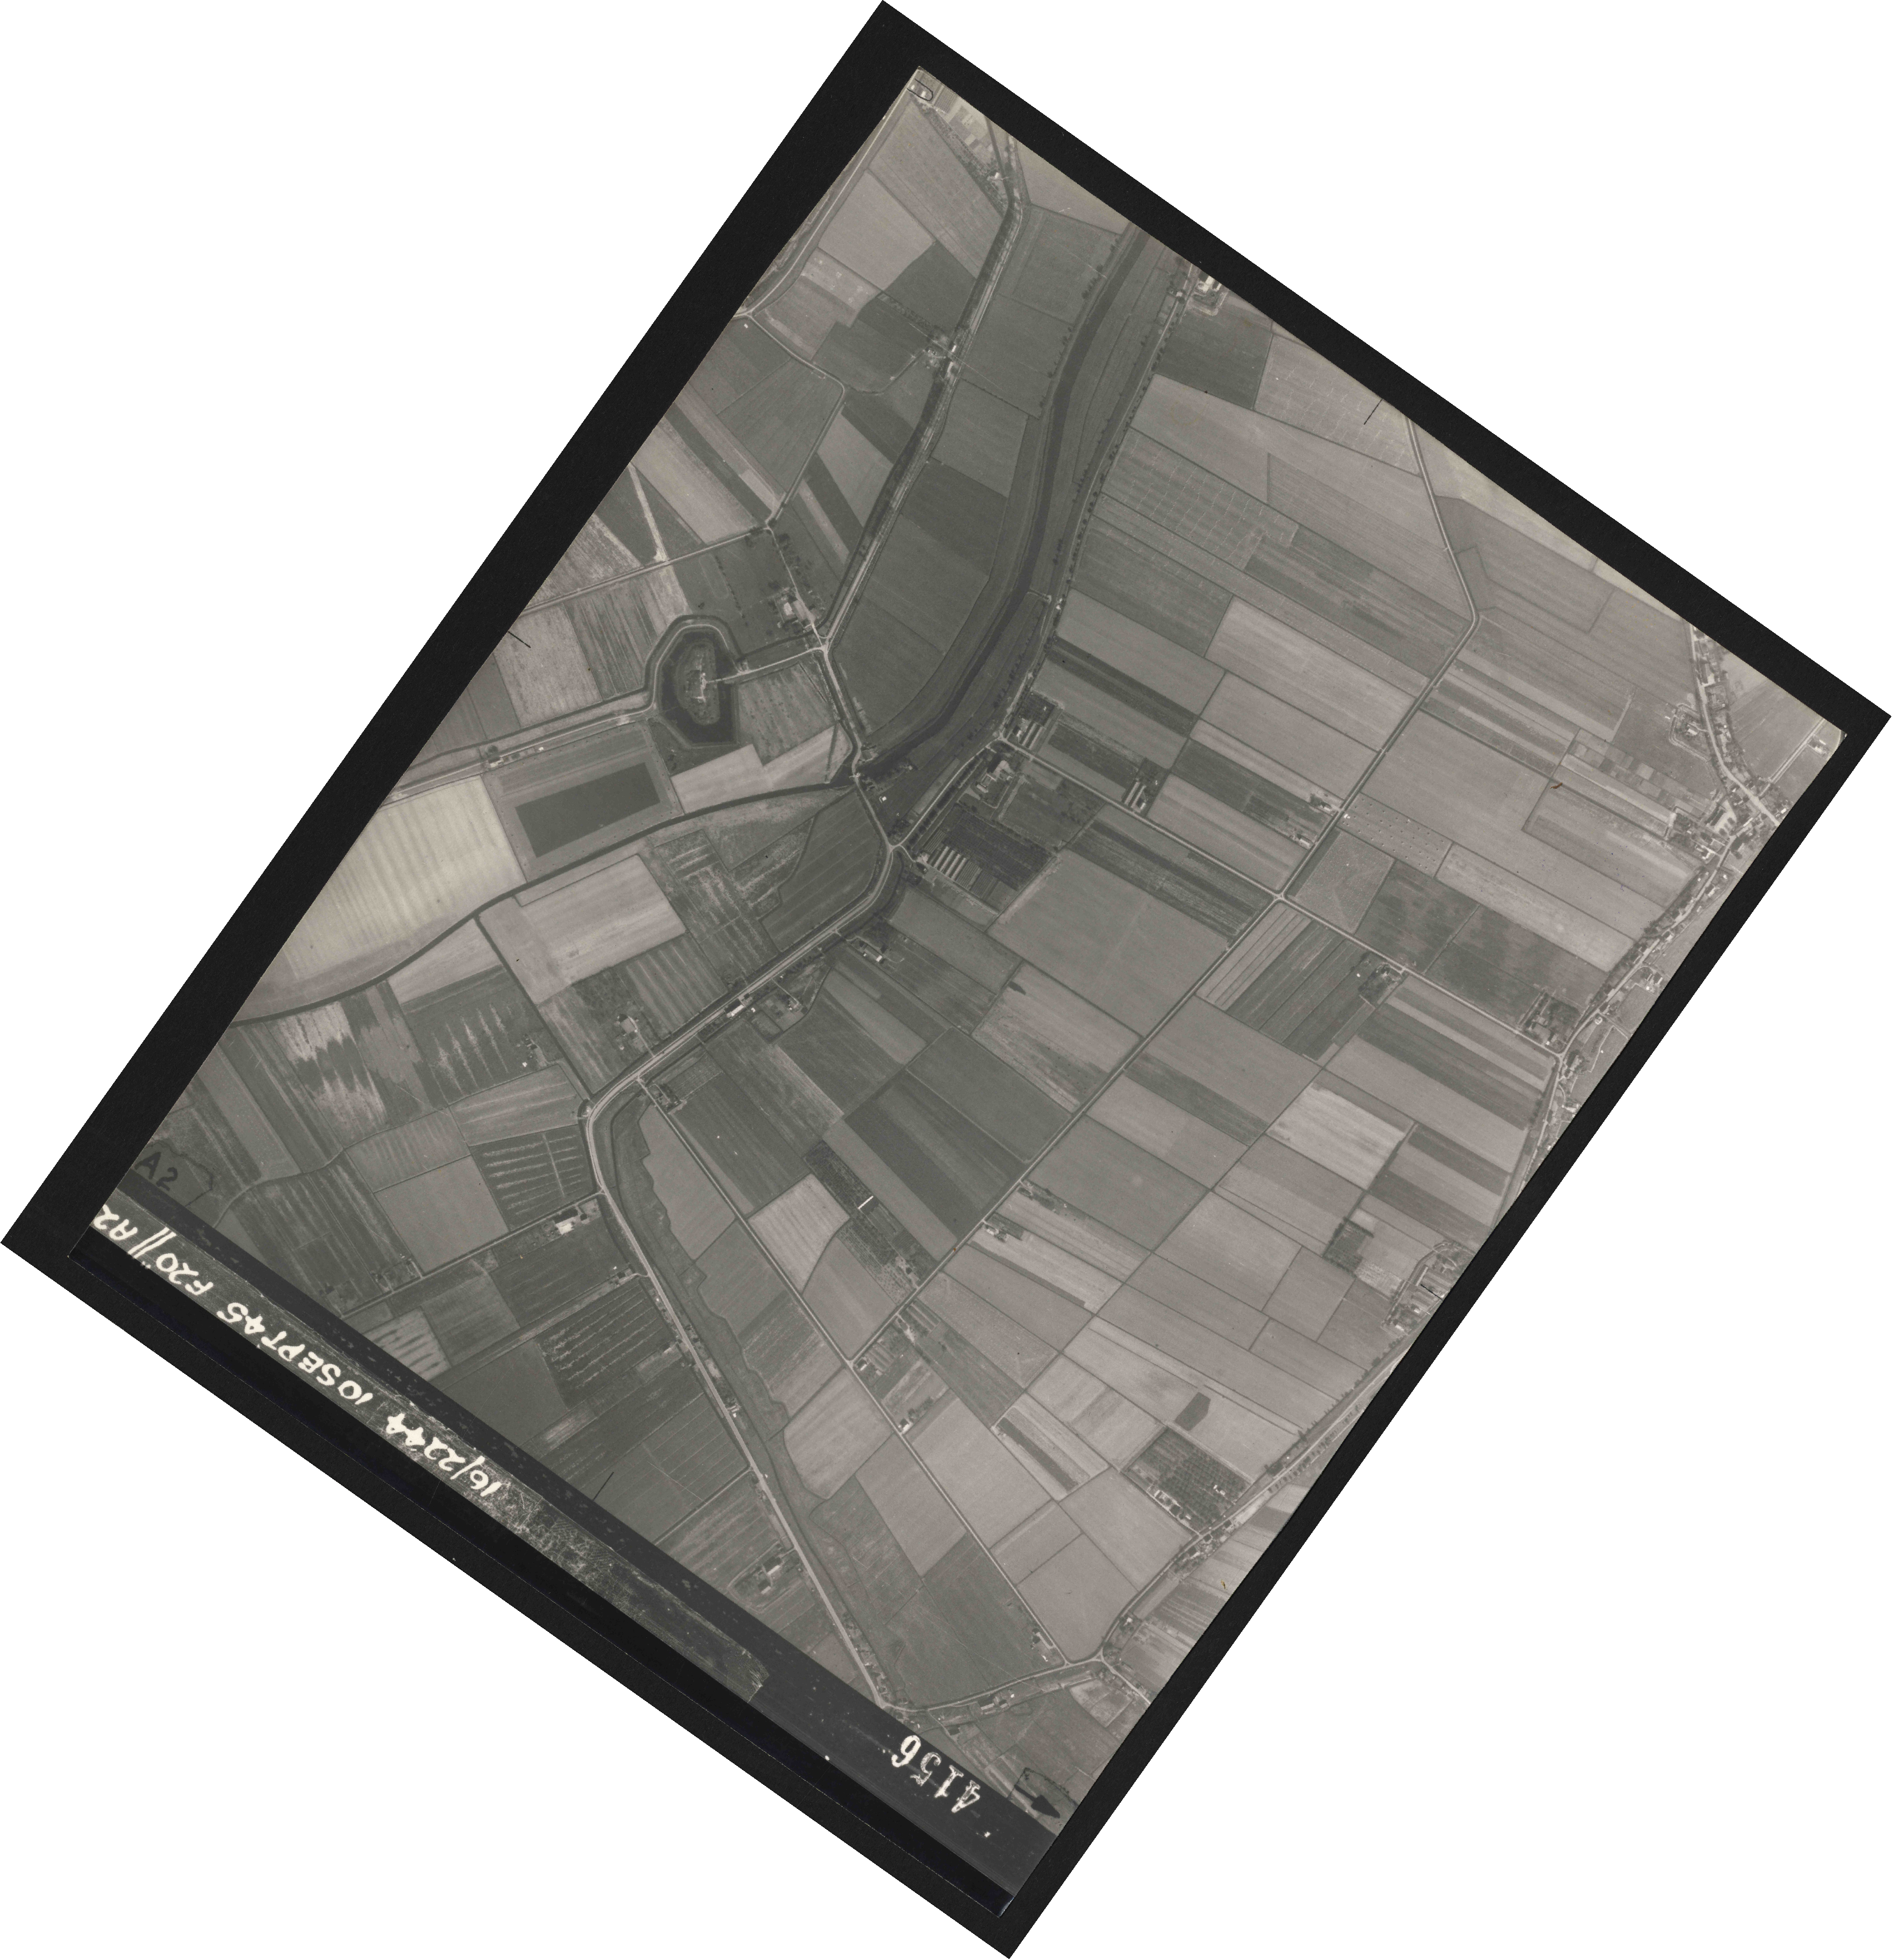 Collection RAF aerial photos 1940-1945 - flight 035, run 12, photo 4156